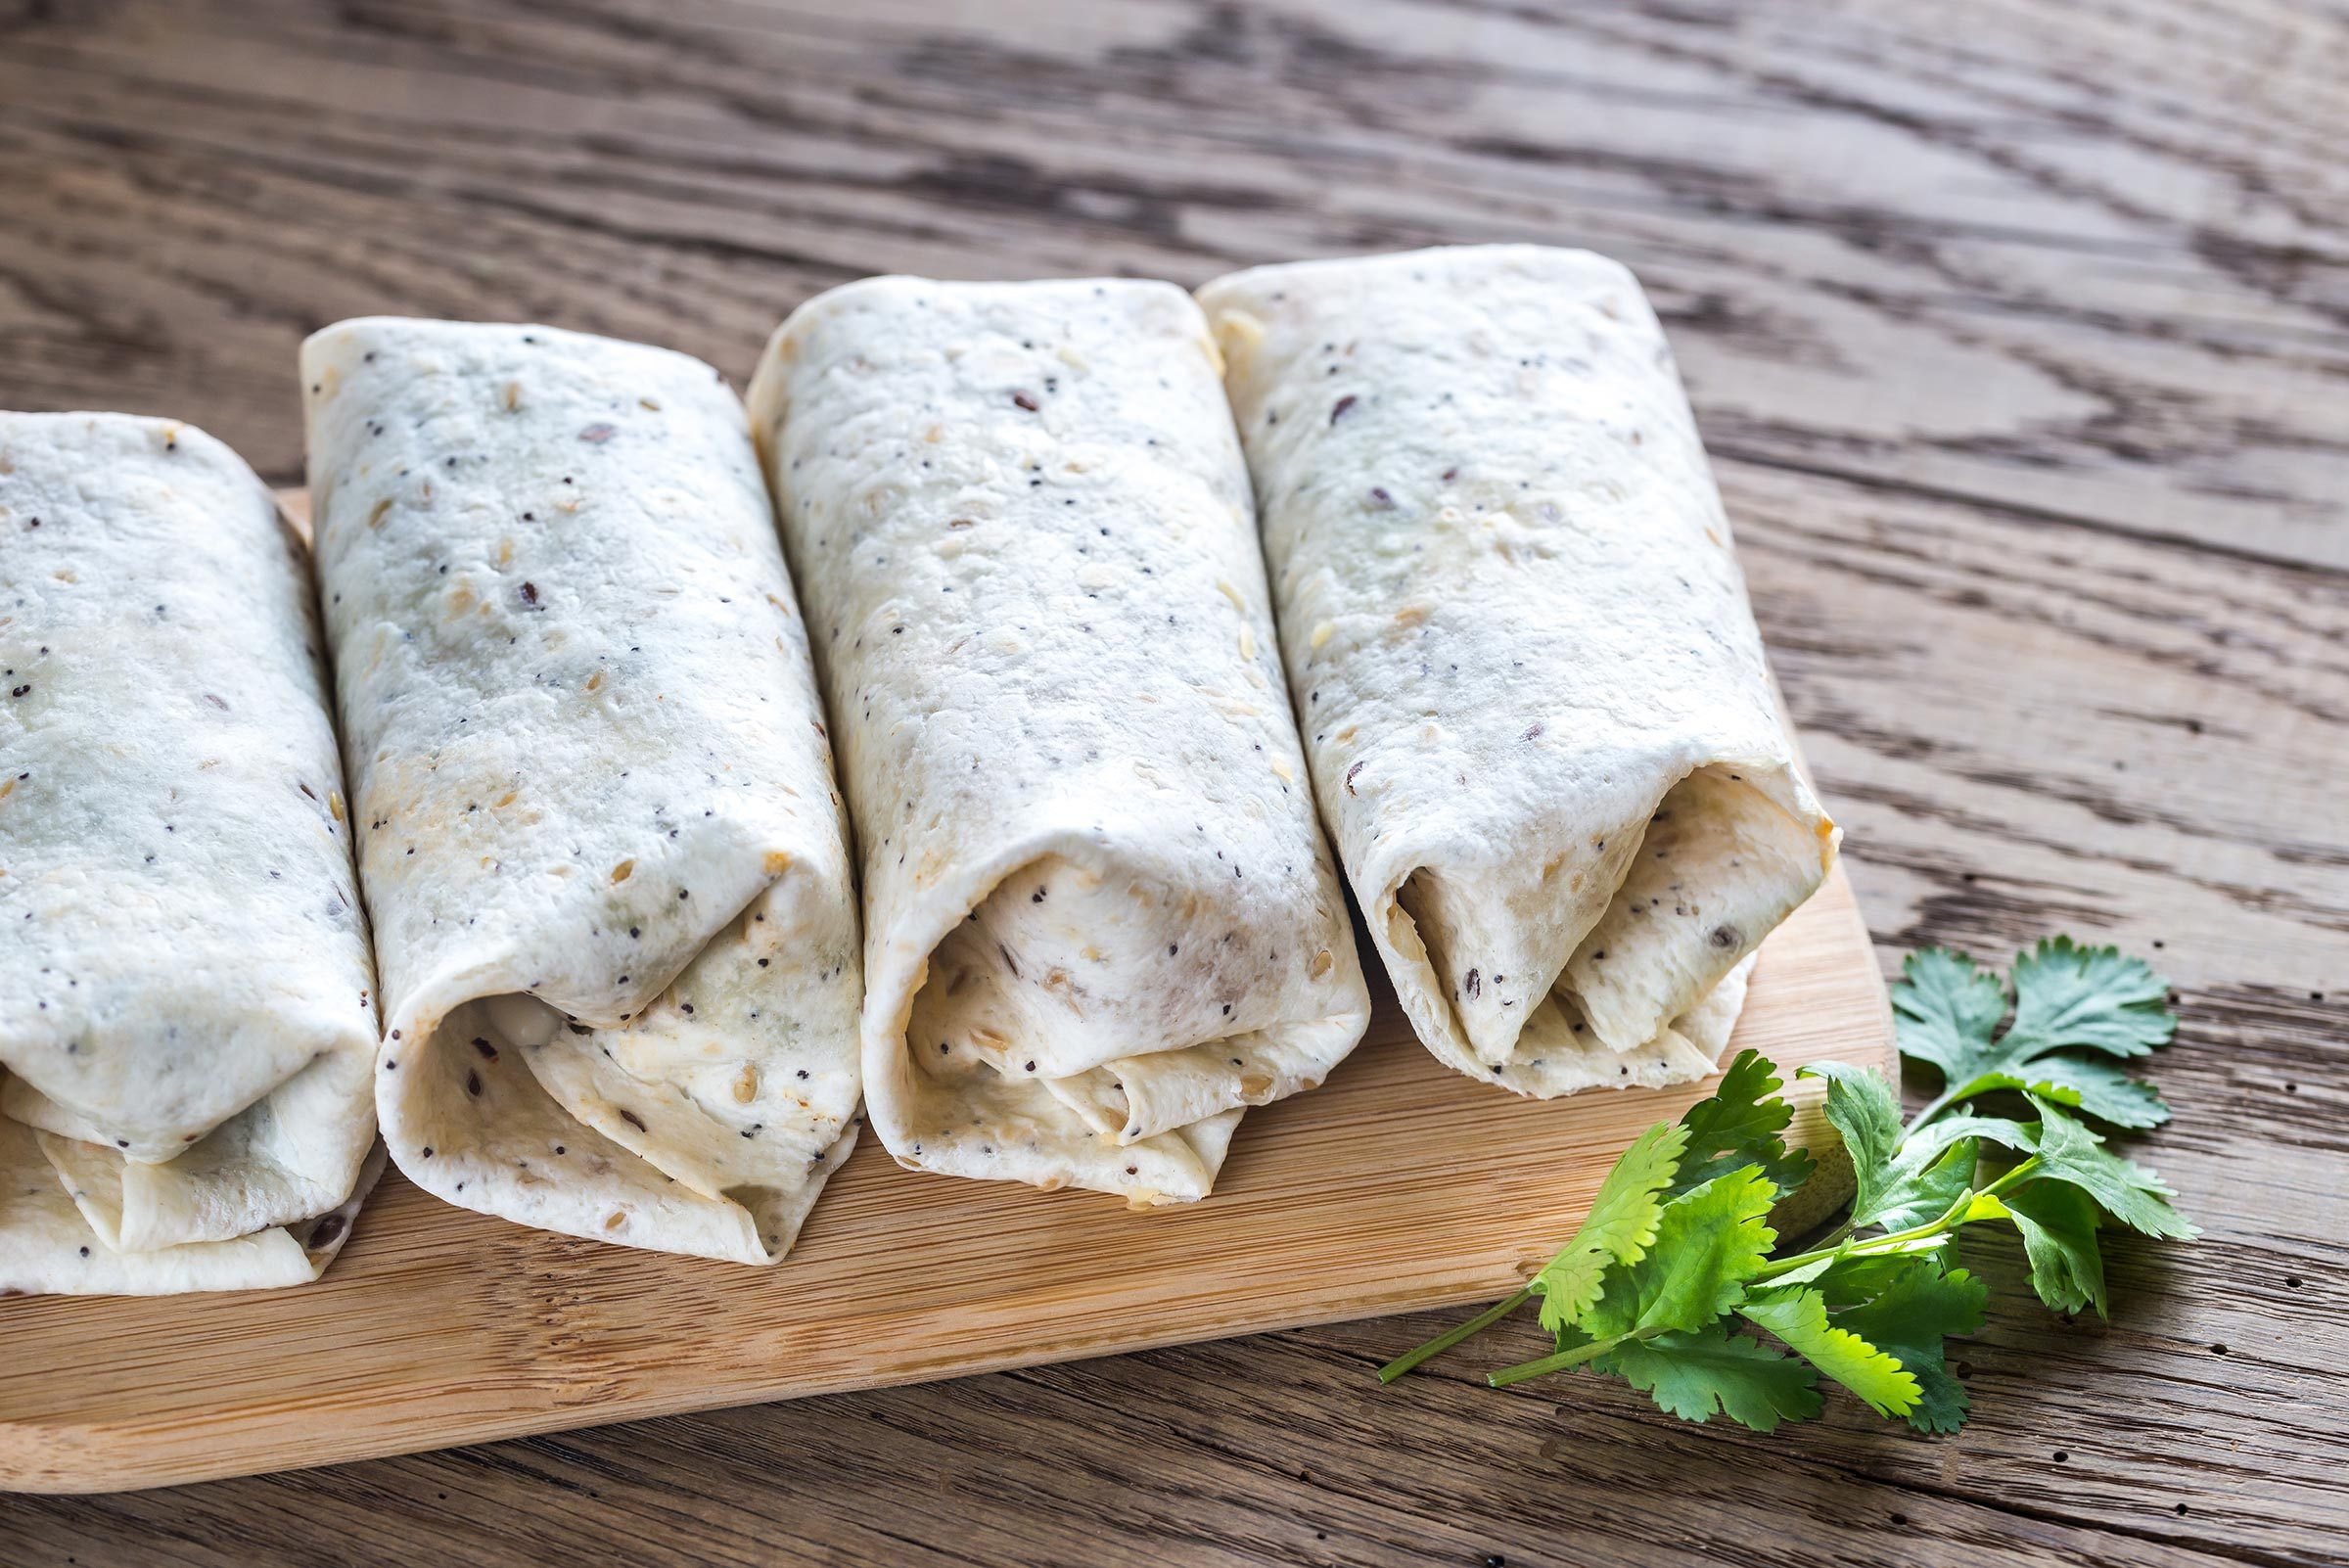 Chicken burritos on the wooden background